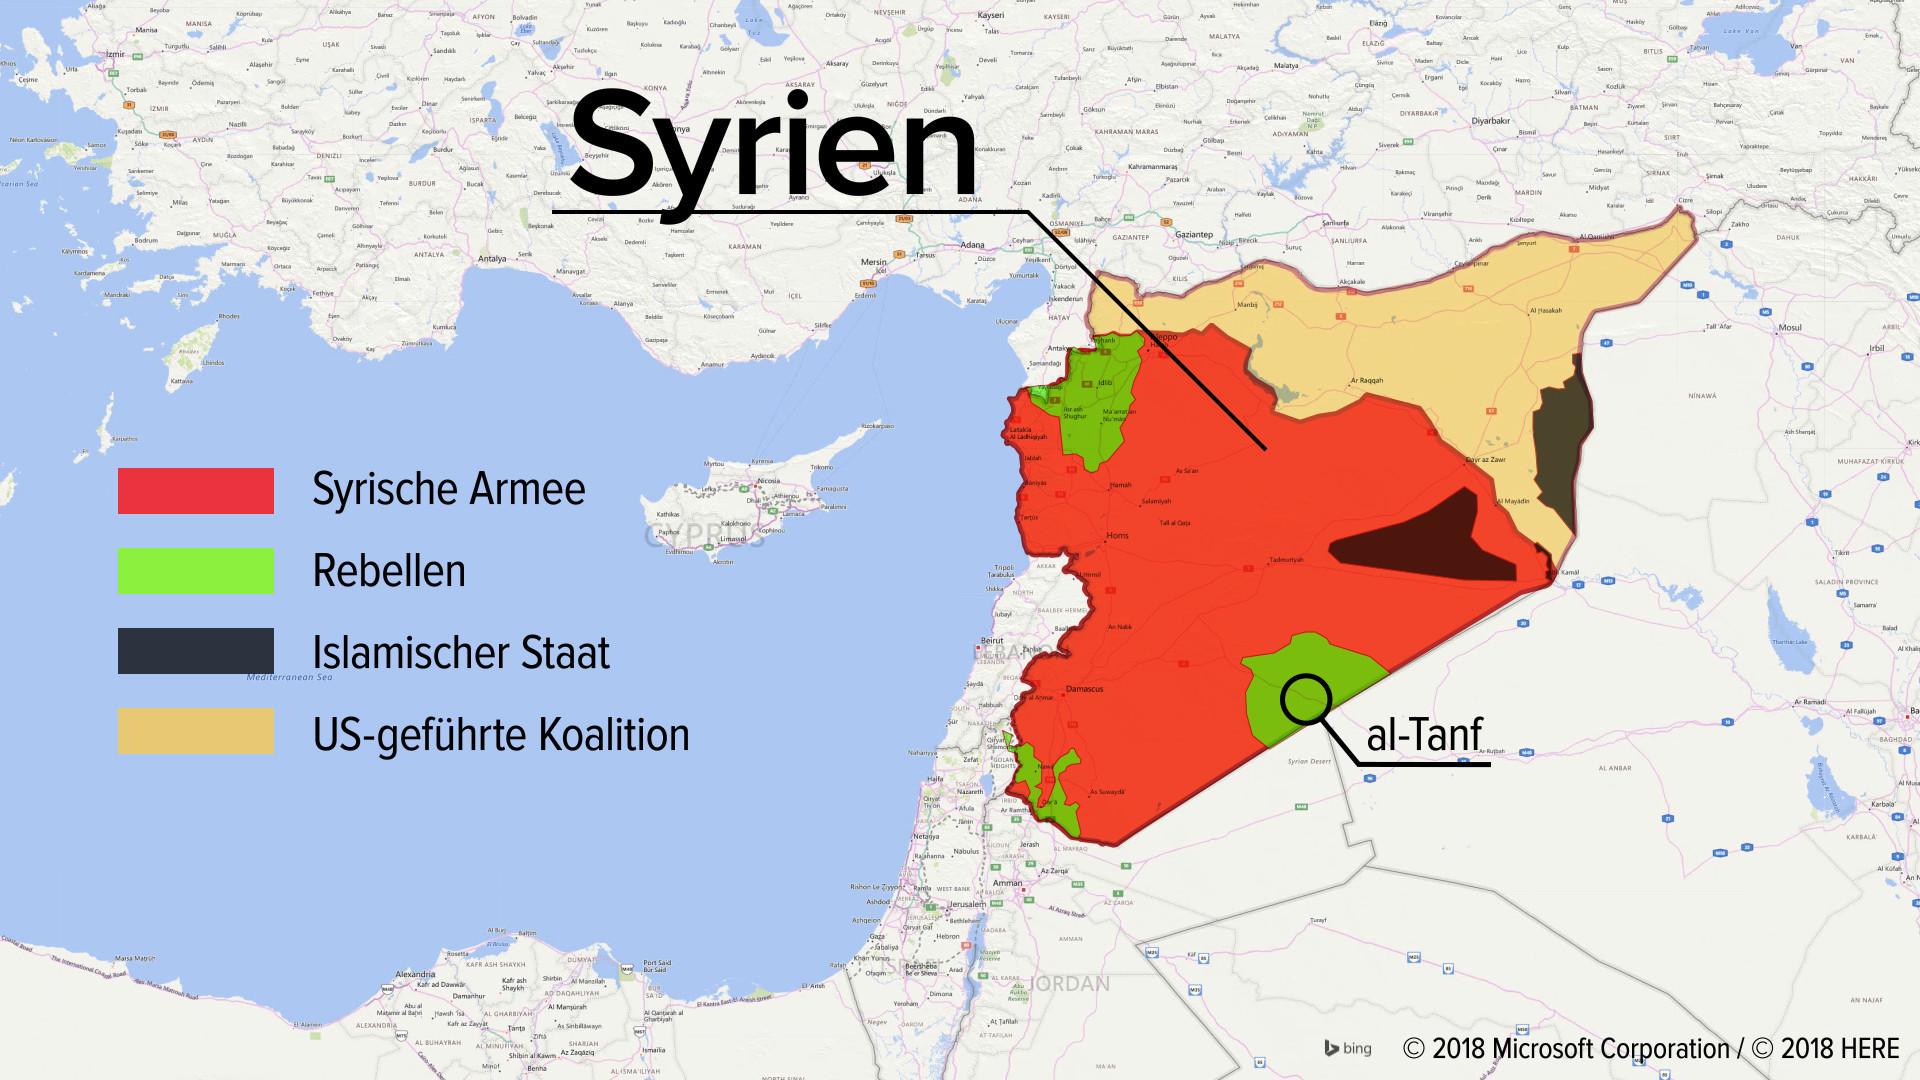 Assad startet Offensive: USA lassen einige Rebellen in Südsyrien fallen